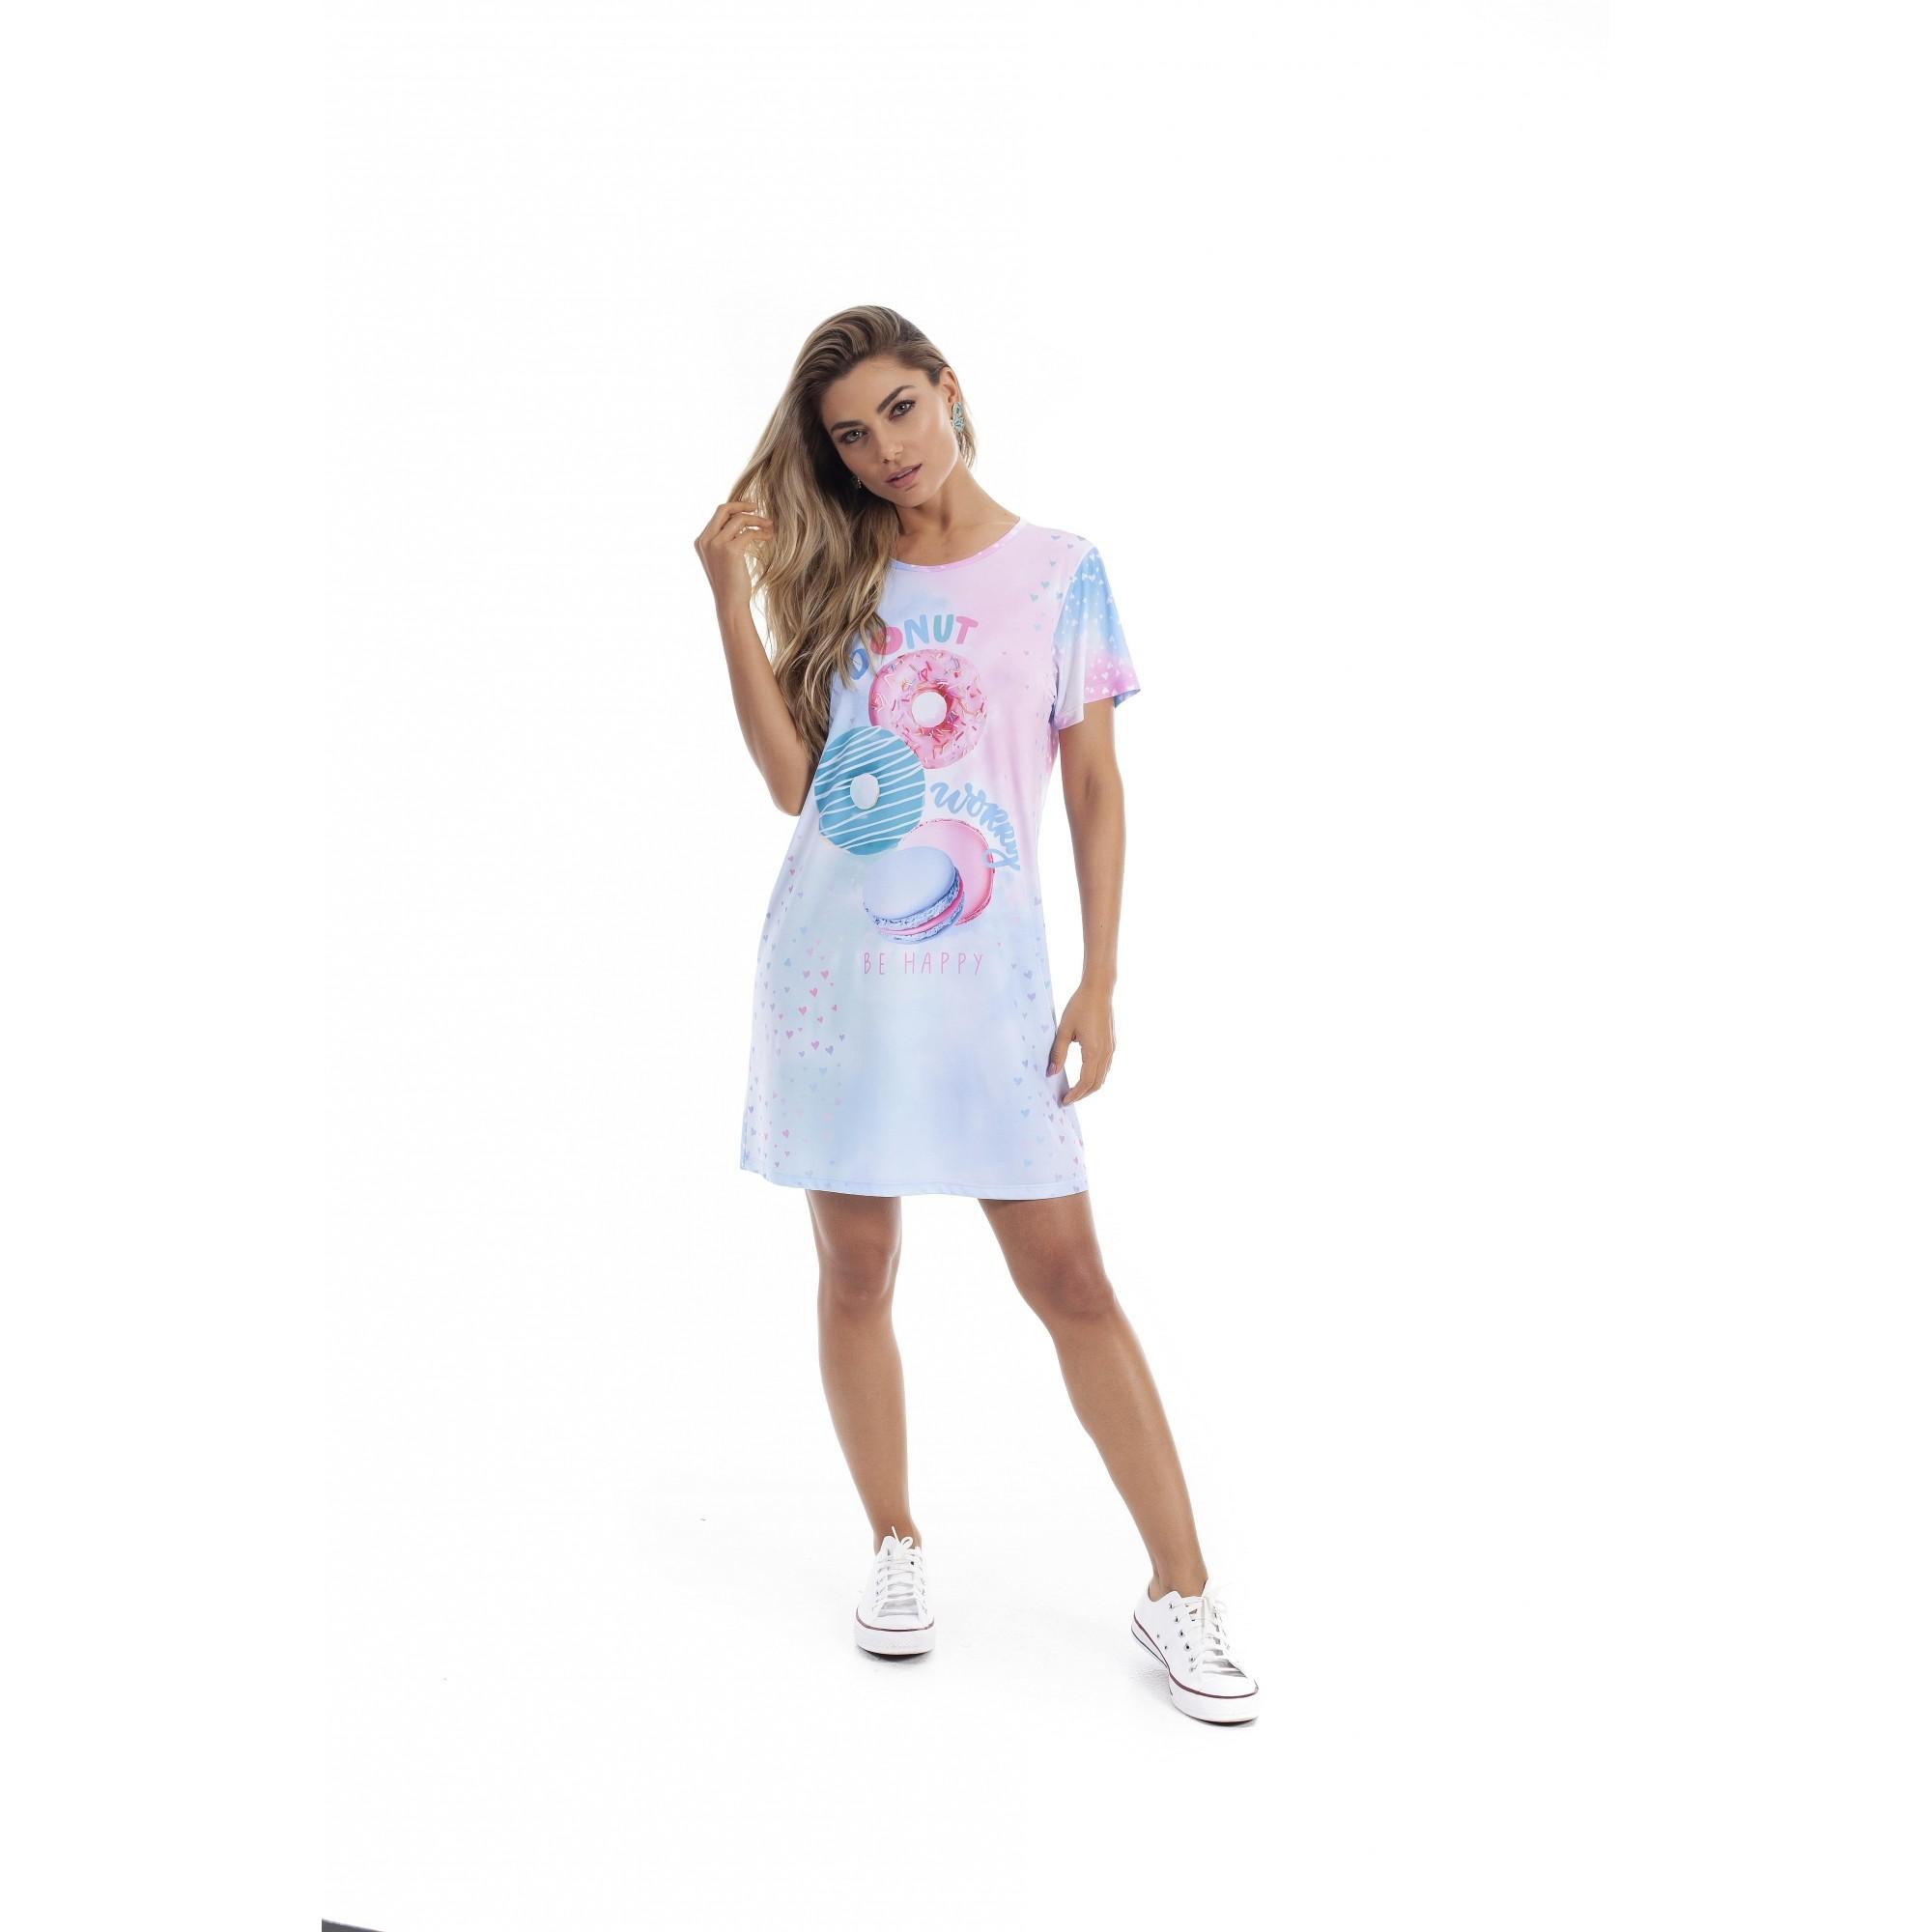 Camisola Paulienne Tie Dye Donuts 12963